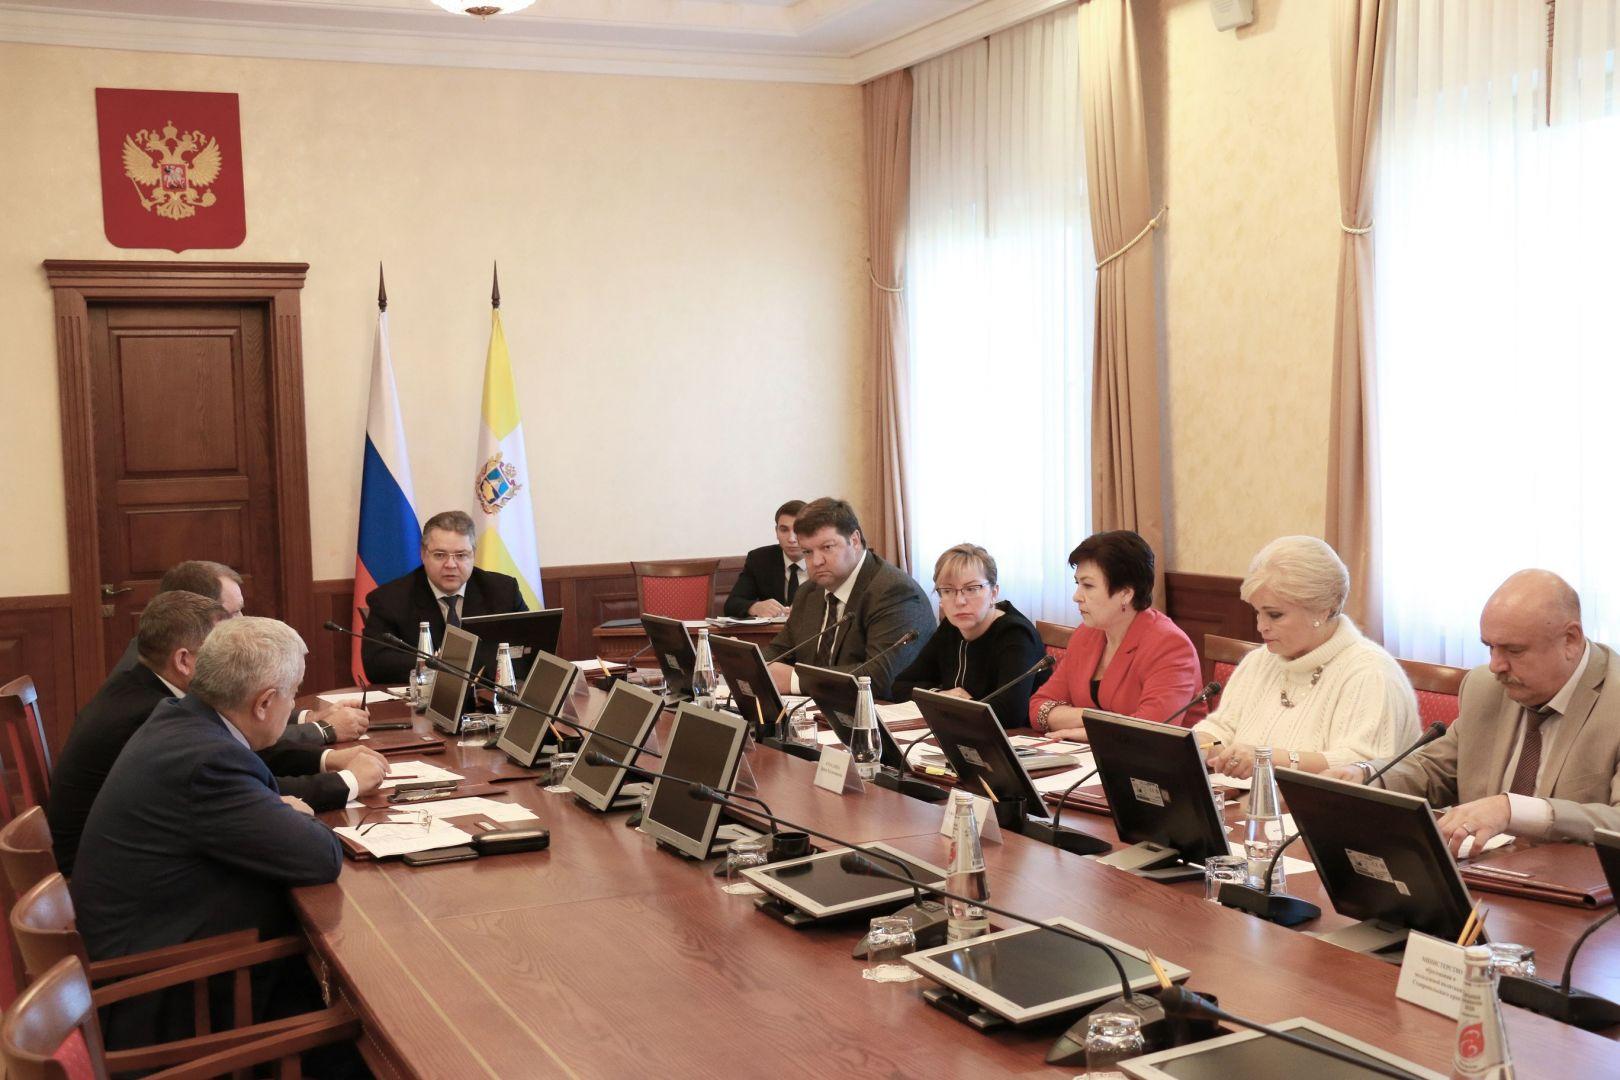 Доходы краевого бюджета возросли на4 млрд. руб. — Губернатор Ставрополья